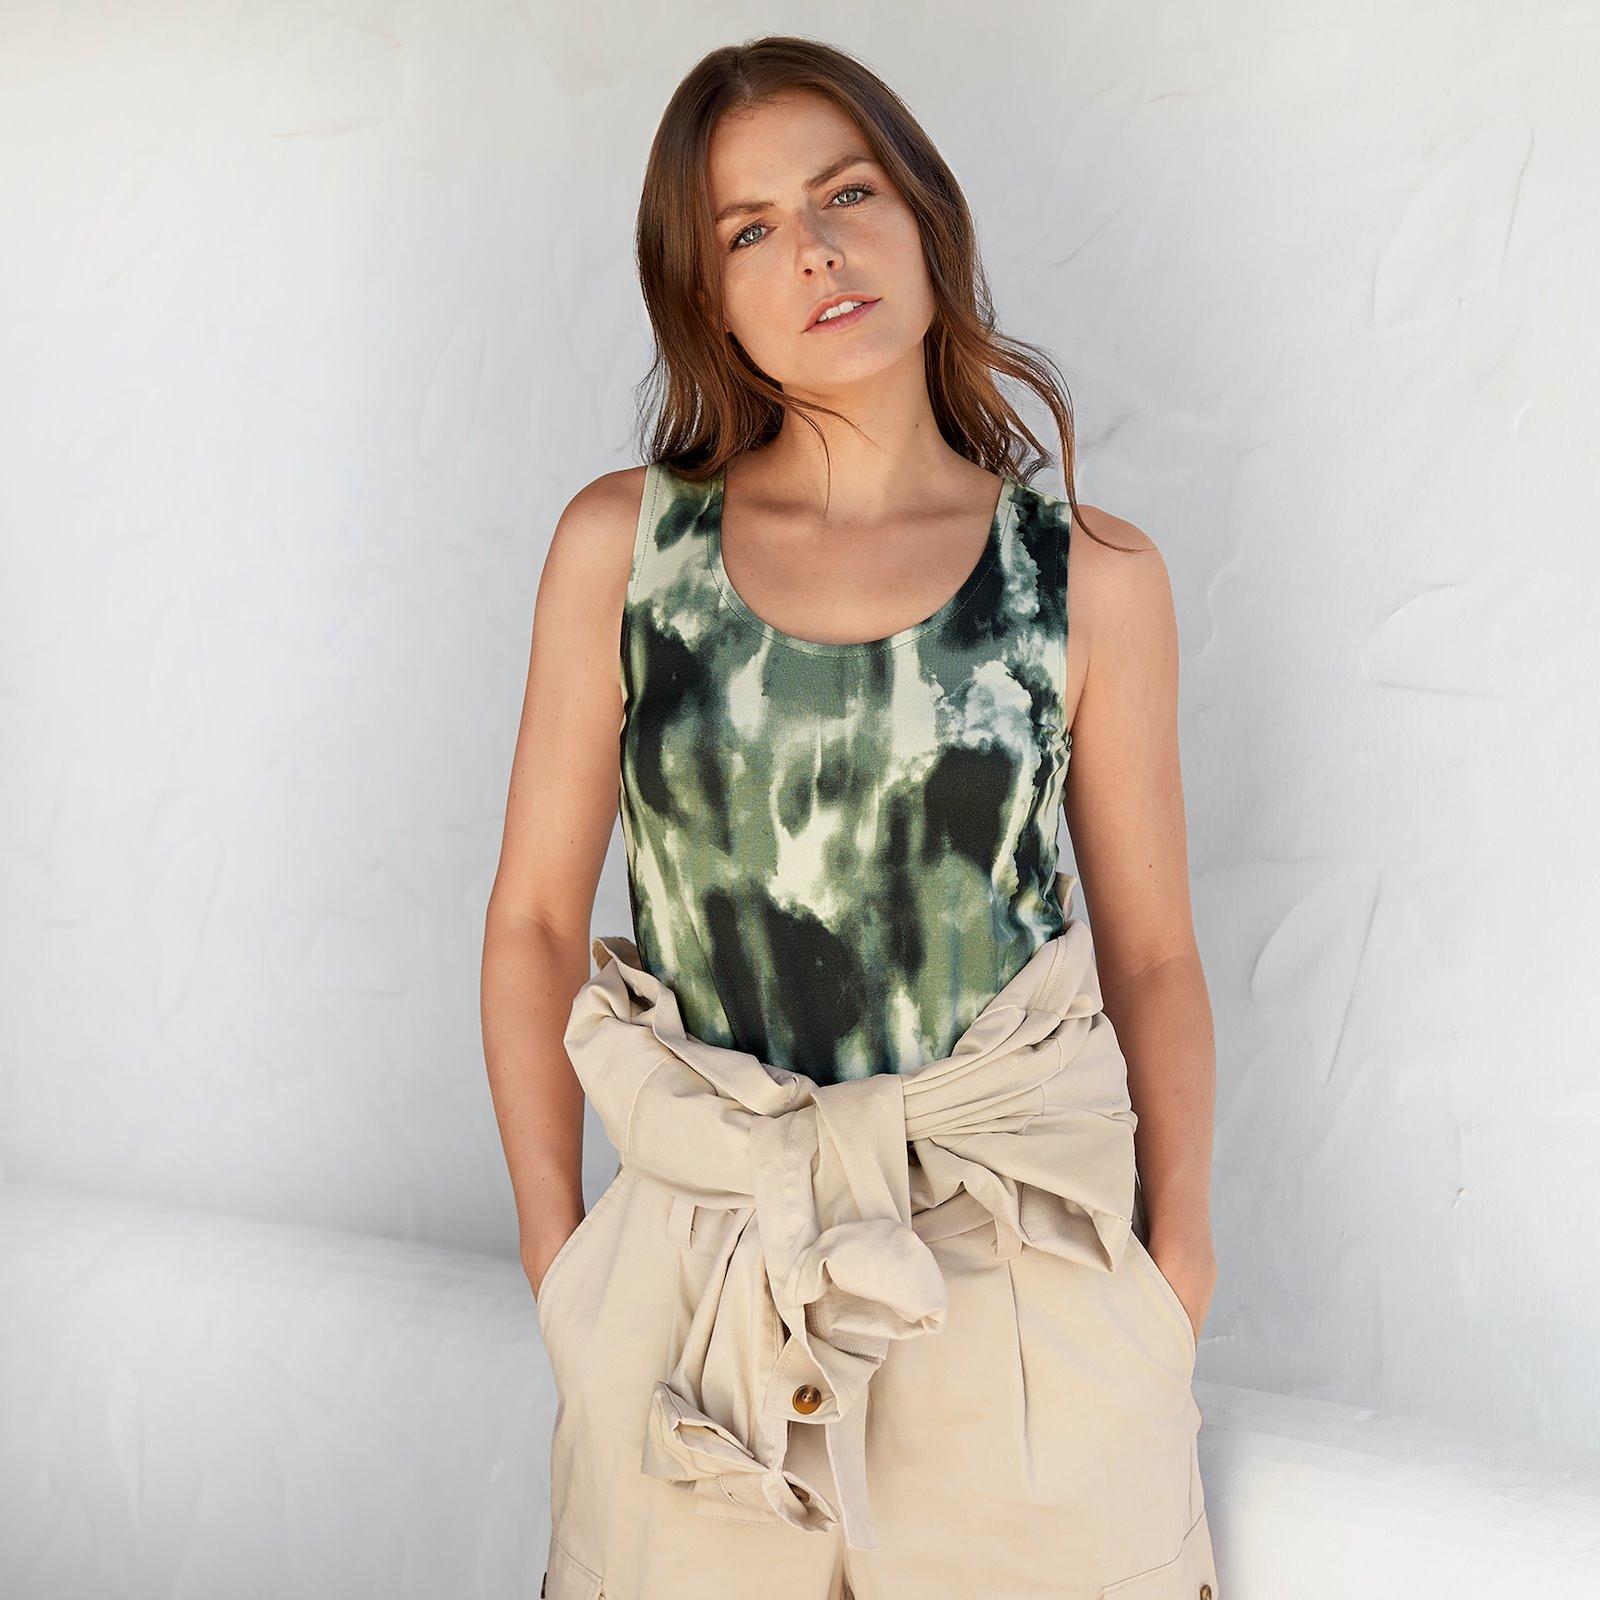 Top and dress, 42/14 p20055_420414_40231_p22071_272691_bundle